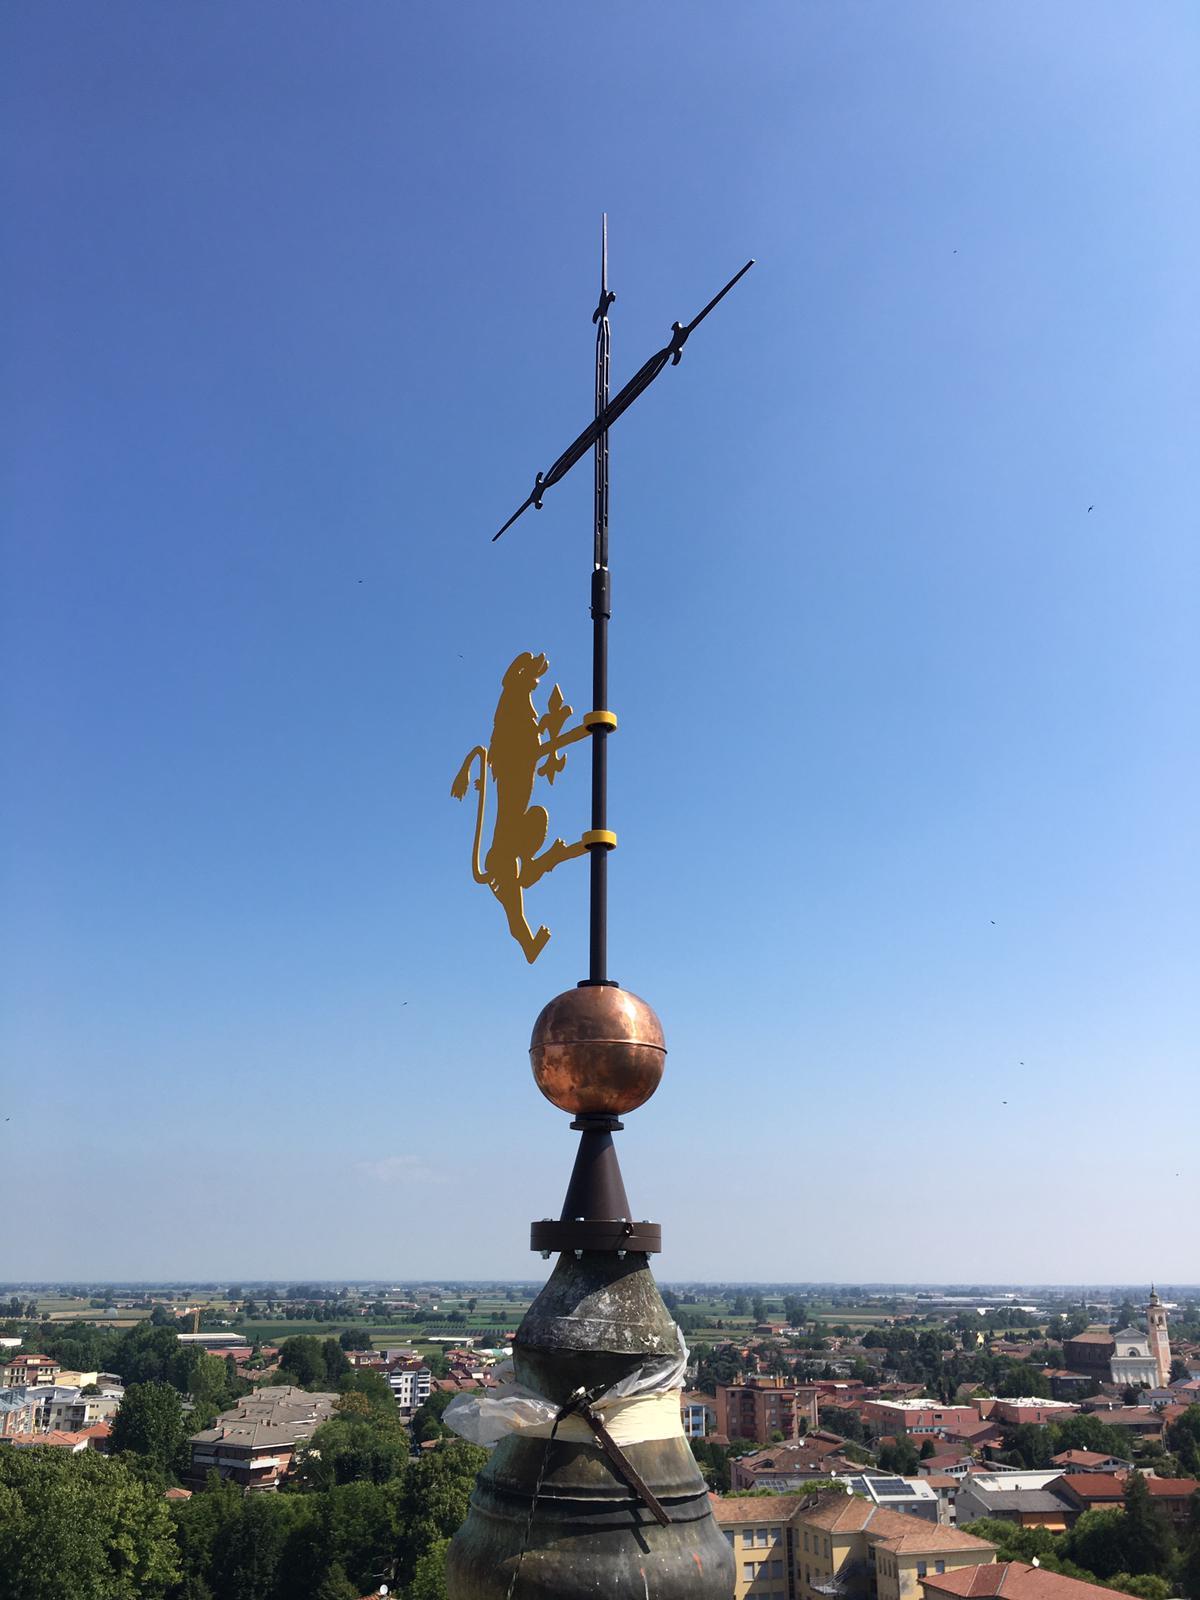 30/06/2020 - Inaugurazione Fontana di Piazza Manzoni e Leone del campanile municipale